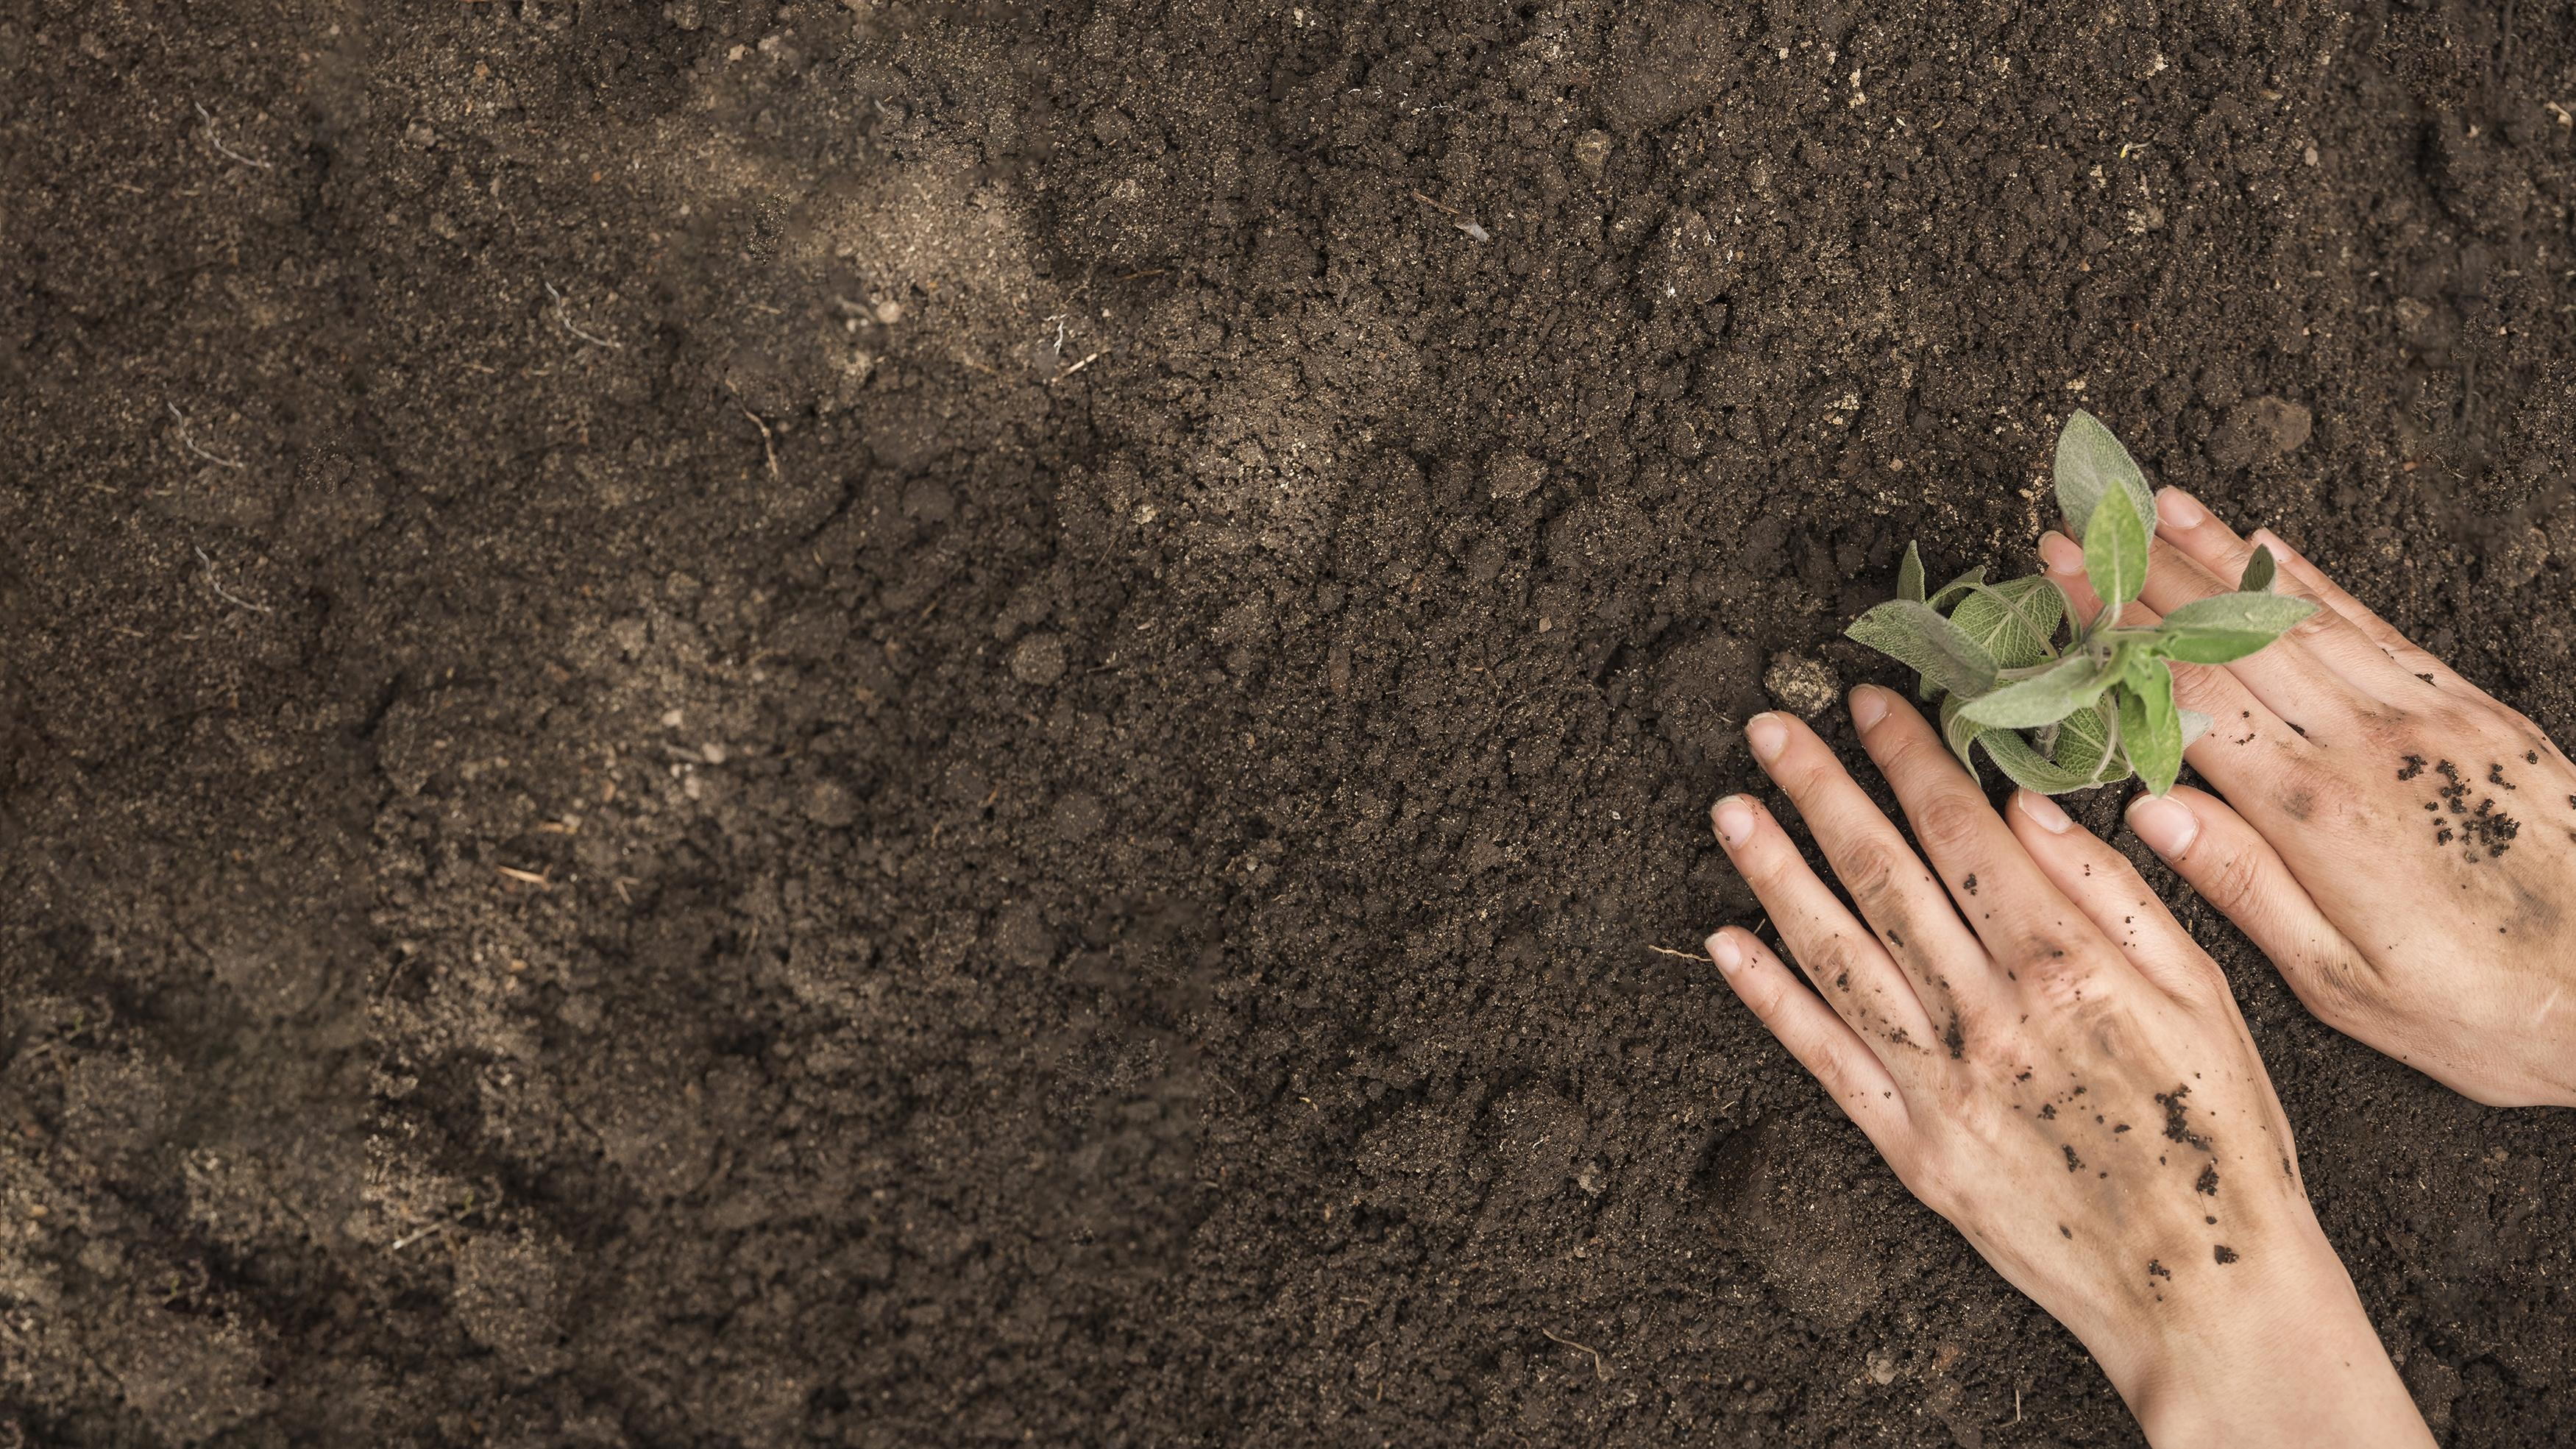 Horticultura será tema do curso.